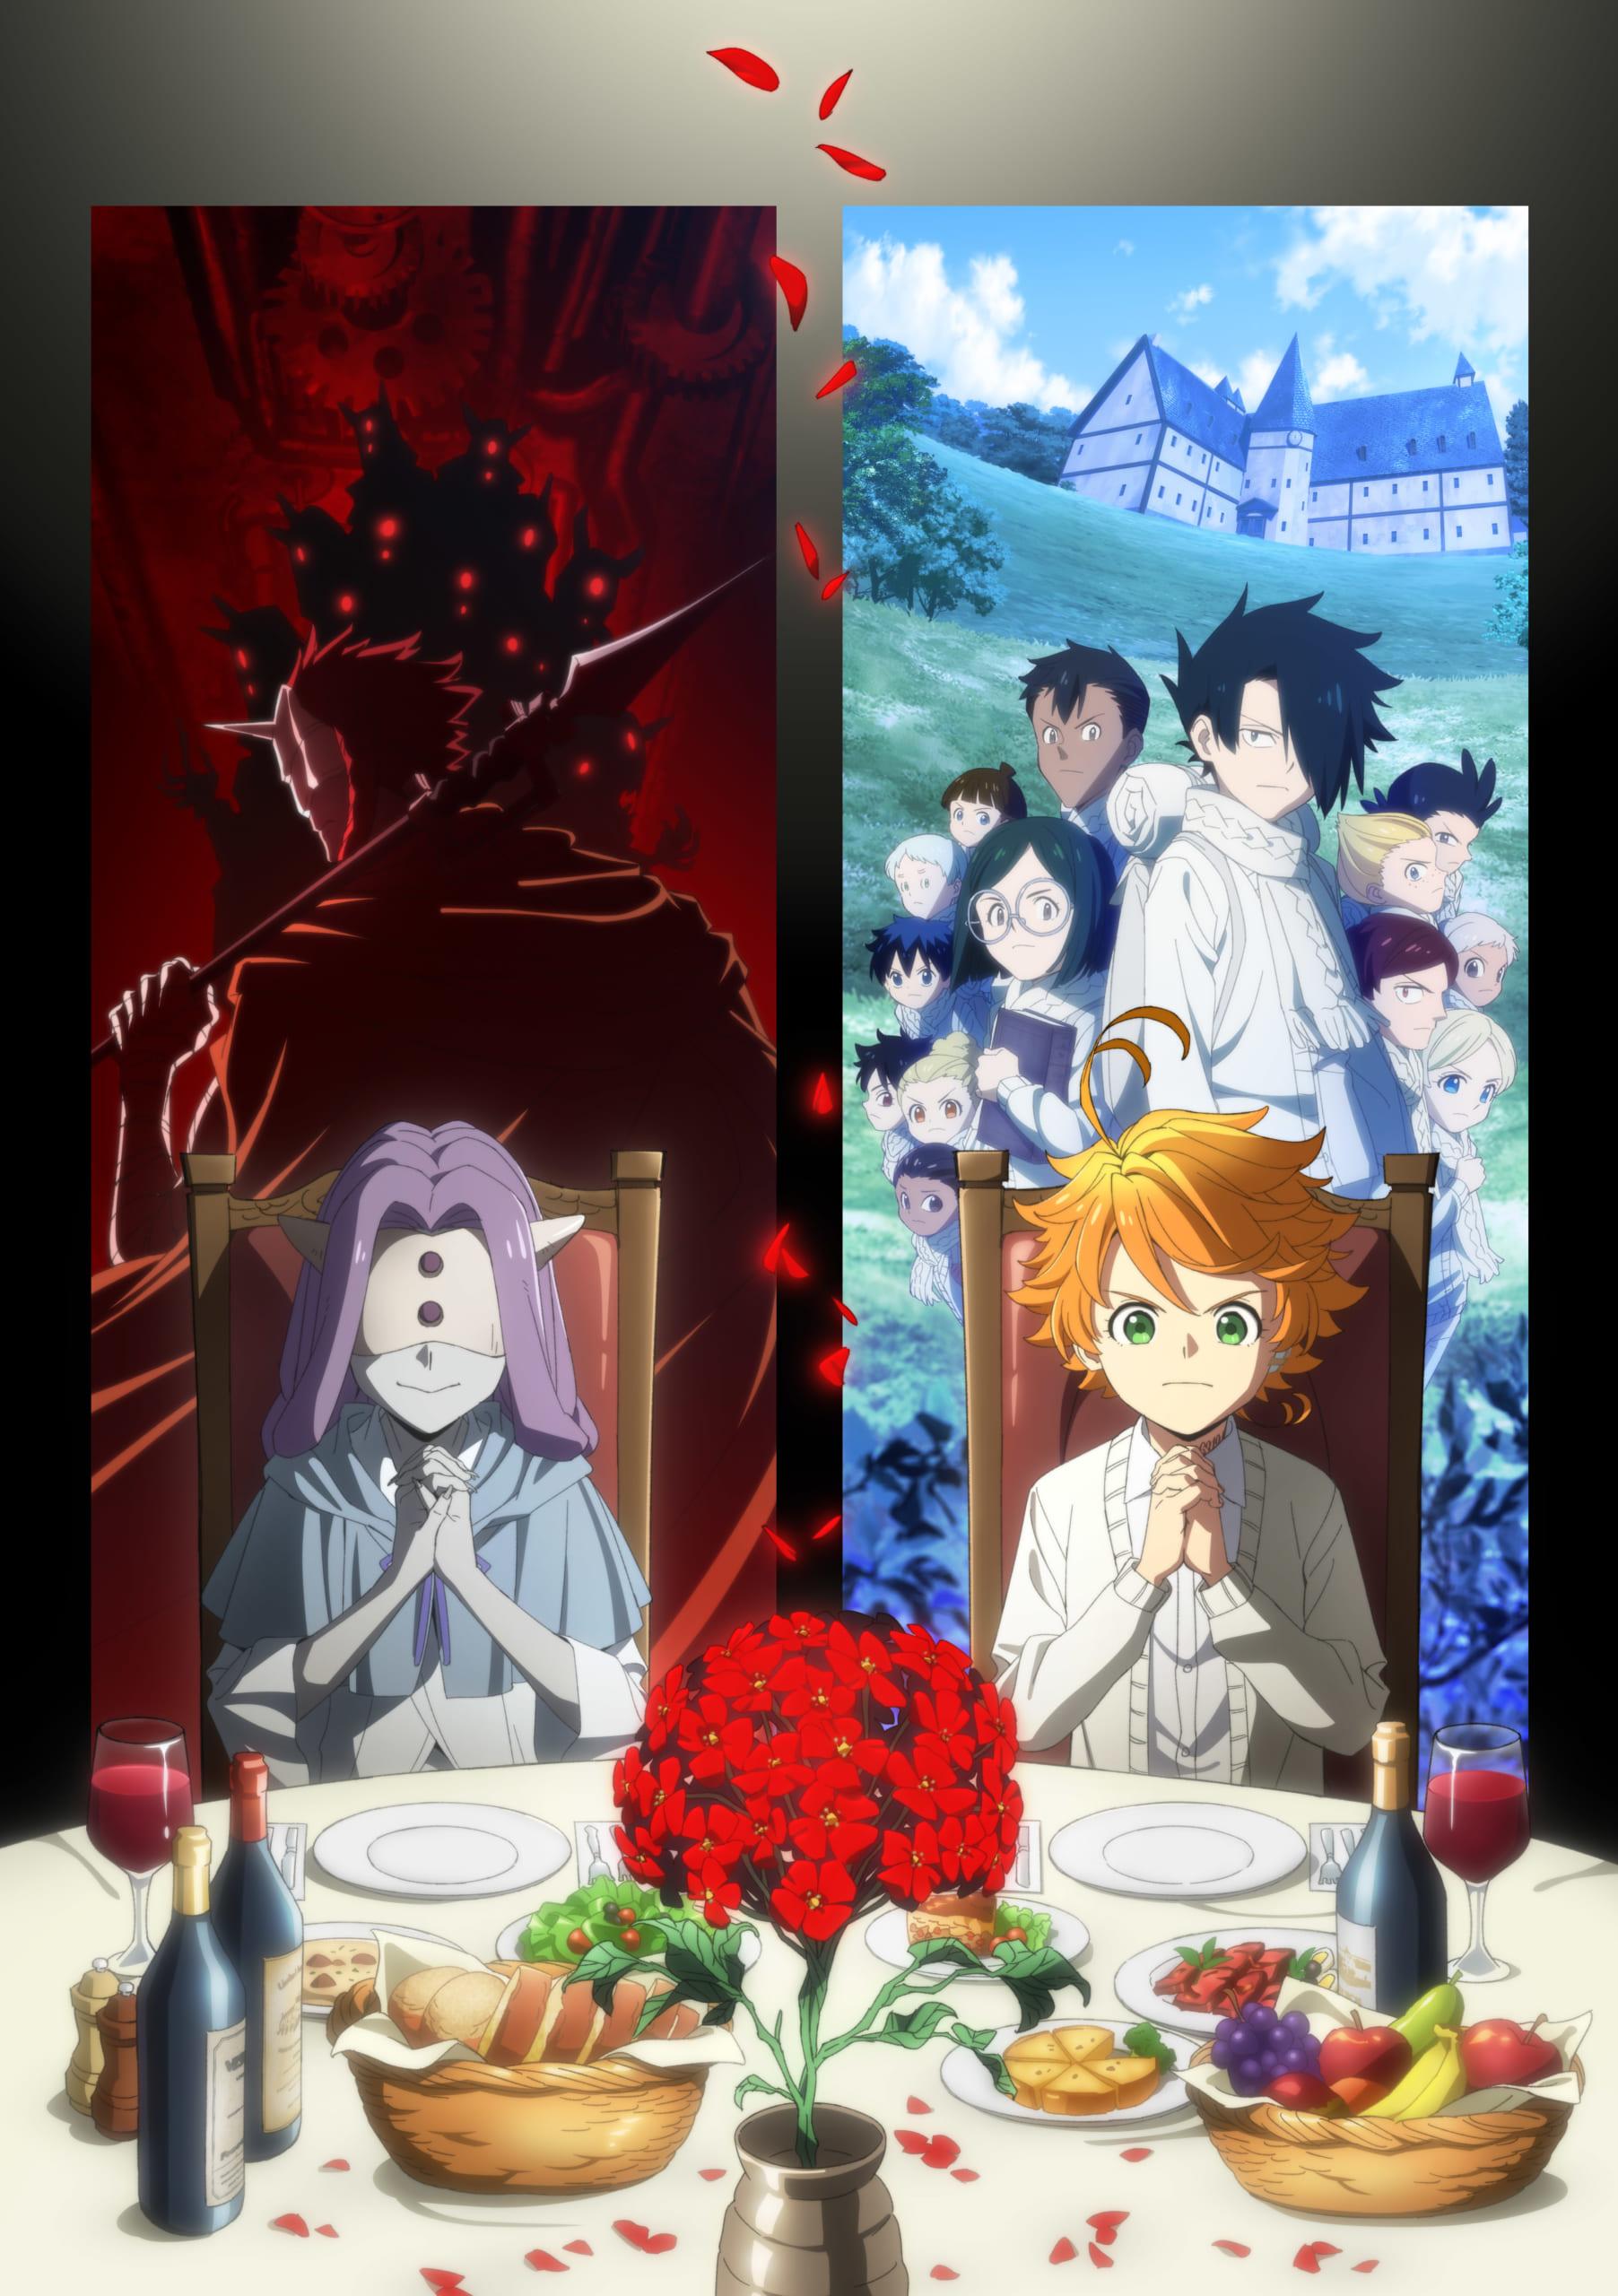 TVアニメ「約束のネバーランドSeason2」キービジュアル解禁!鬼だ!!鬼のビジュアルが出た!!!